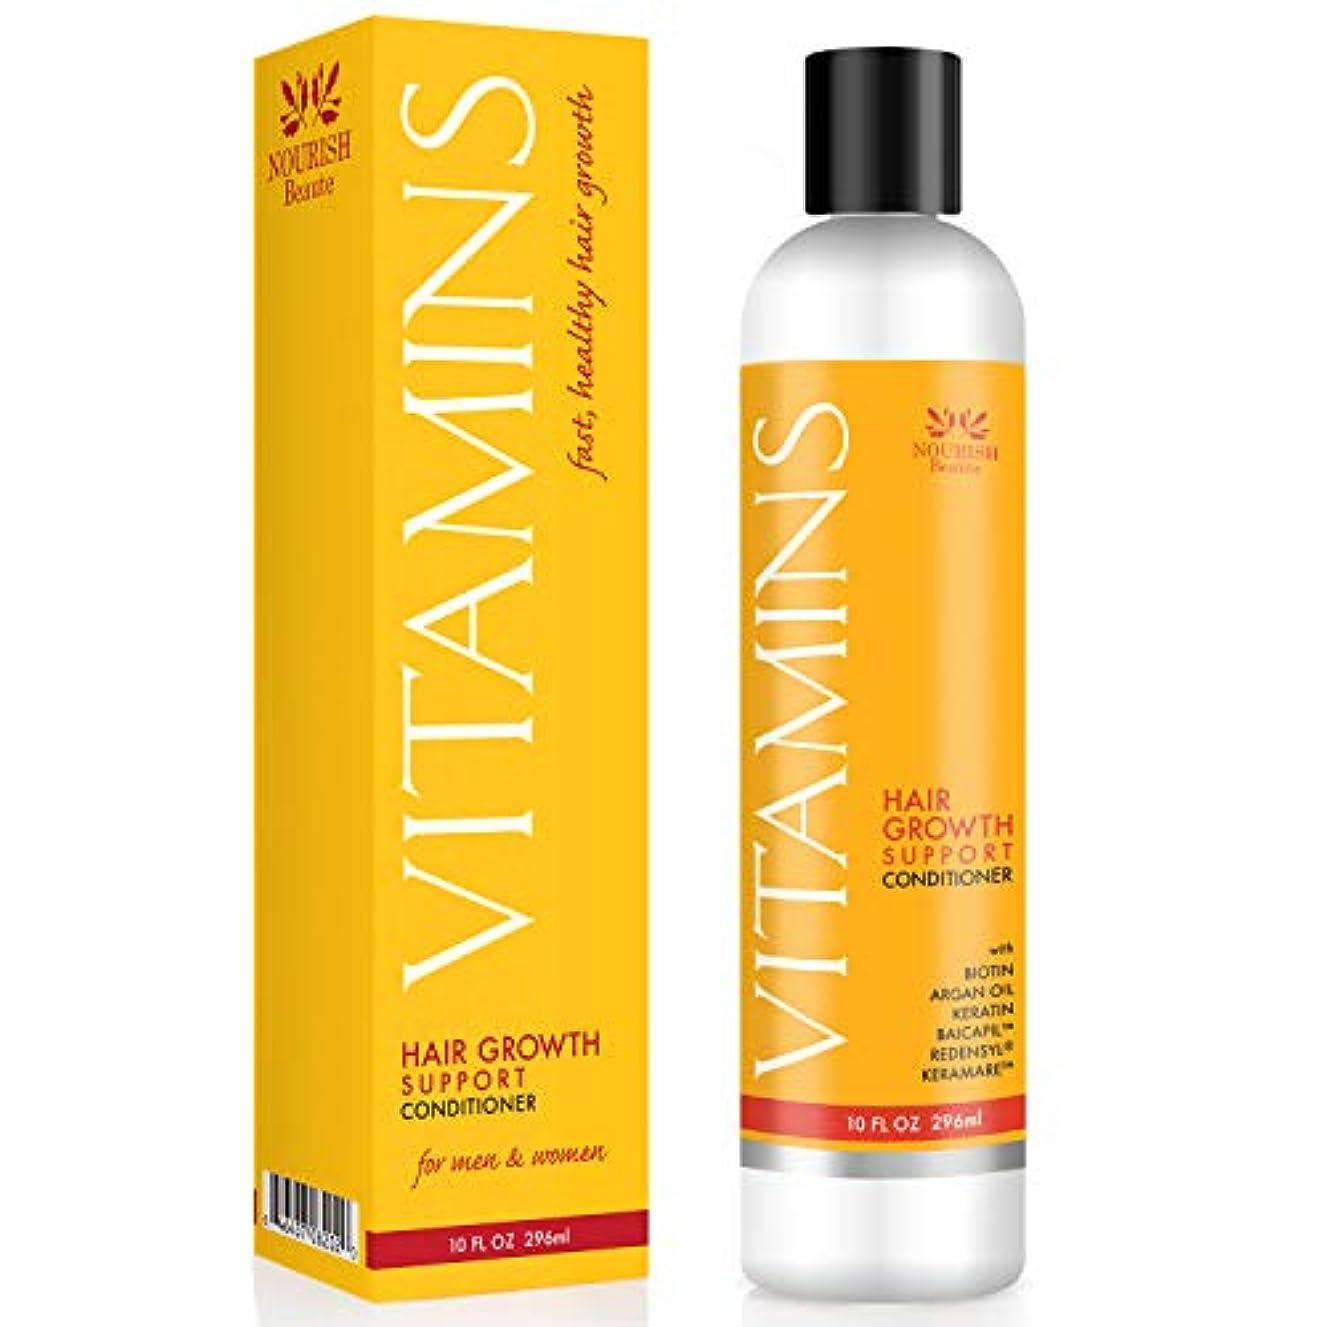 リテラシーどこか肉のVitamins - オーガニック 脱毛トリートメント コンディショナー Organic Hair Loss Treatment and Conditioner, 10 Ounce (296ml)